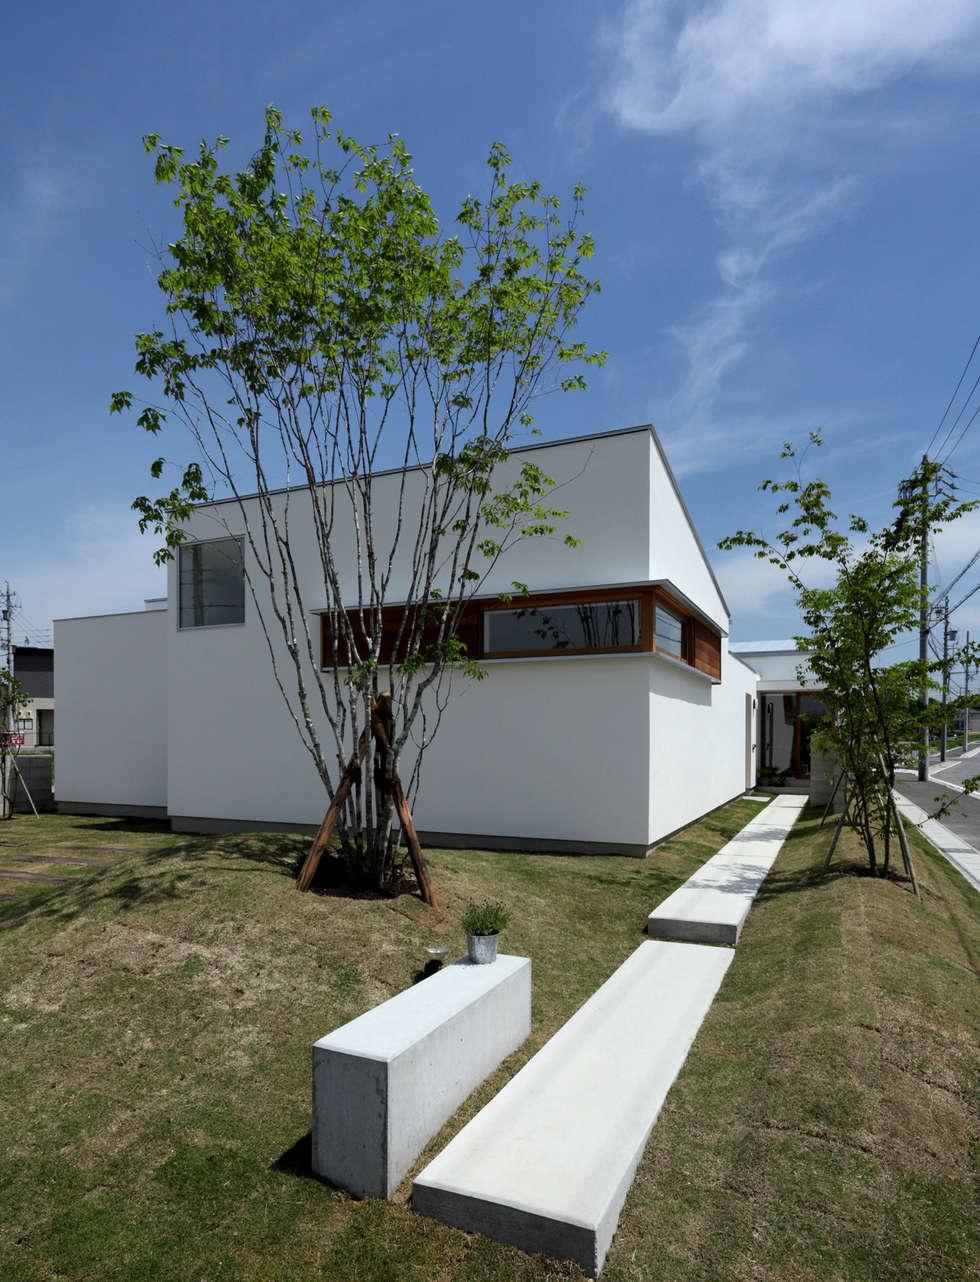 ファサード アプローチ: 松原建築計画 / Matsubara Architect Design Officeが手掛けた家です。